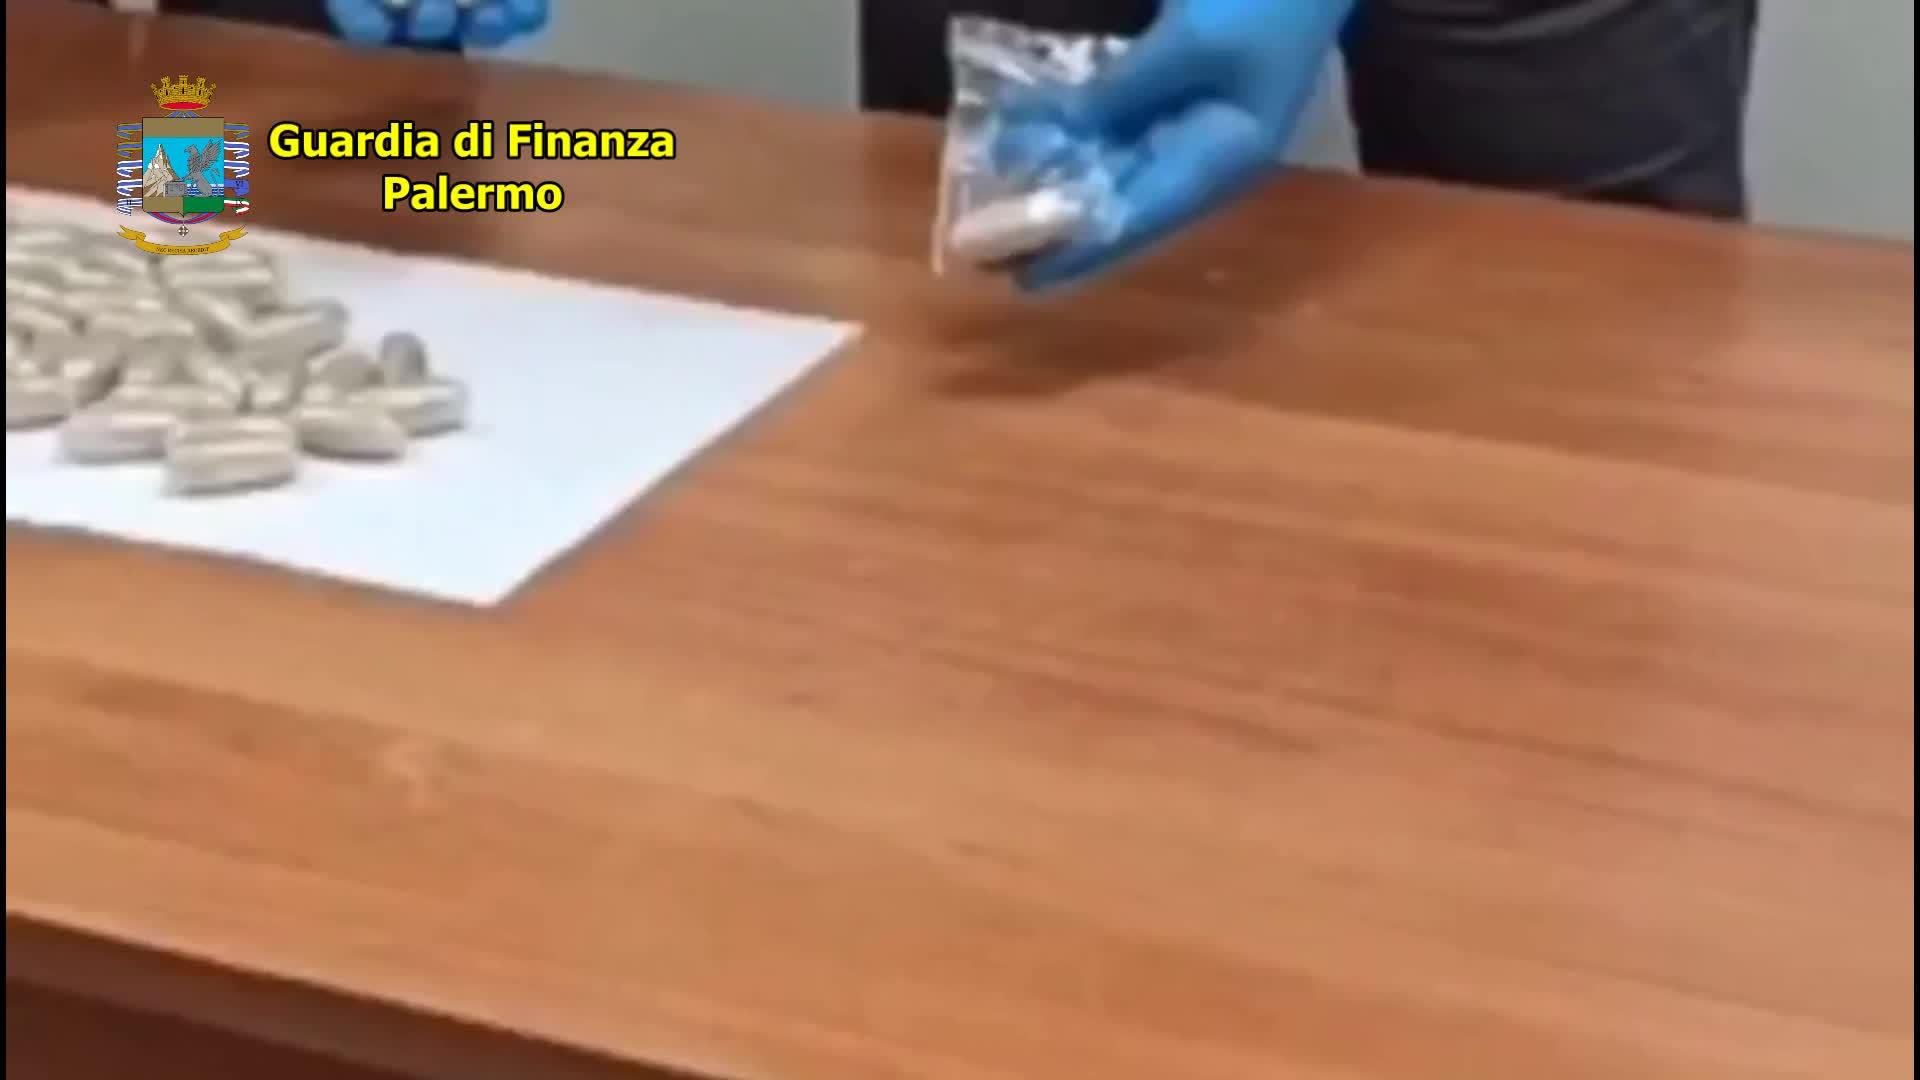 La droga nello stomaco: così il nigeriano la importava in Italia